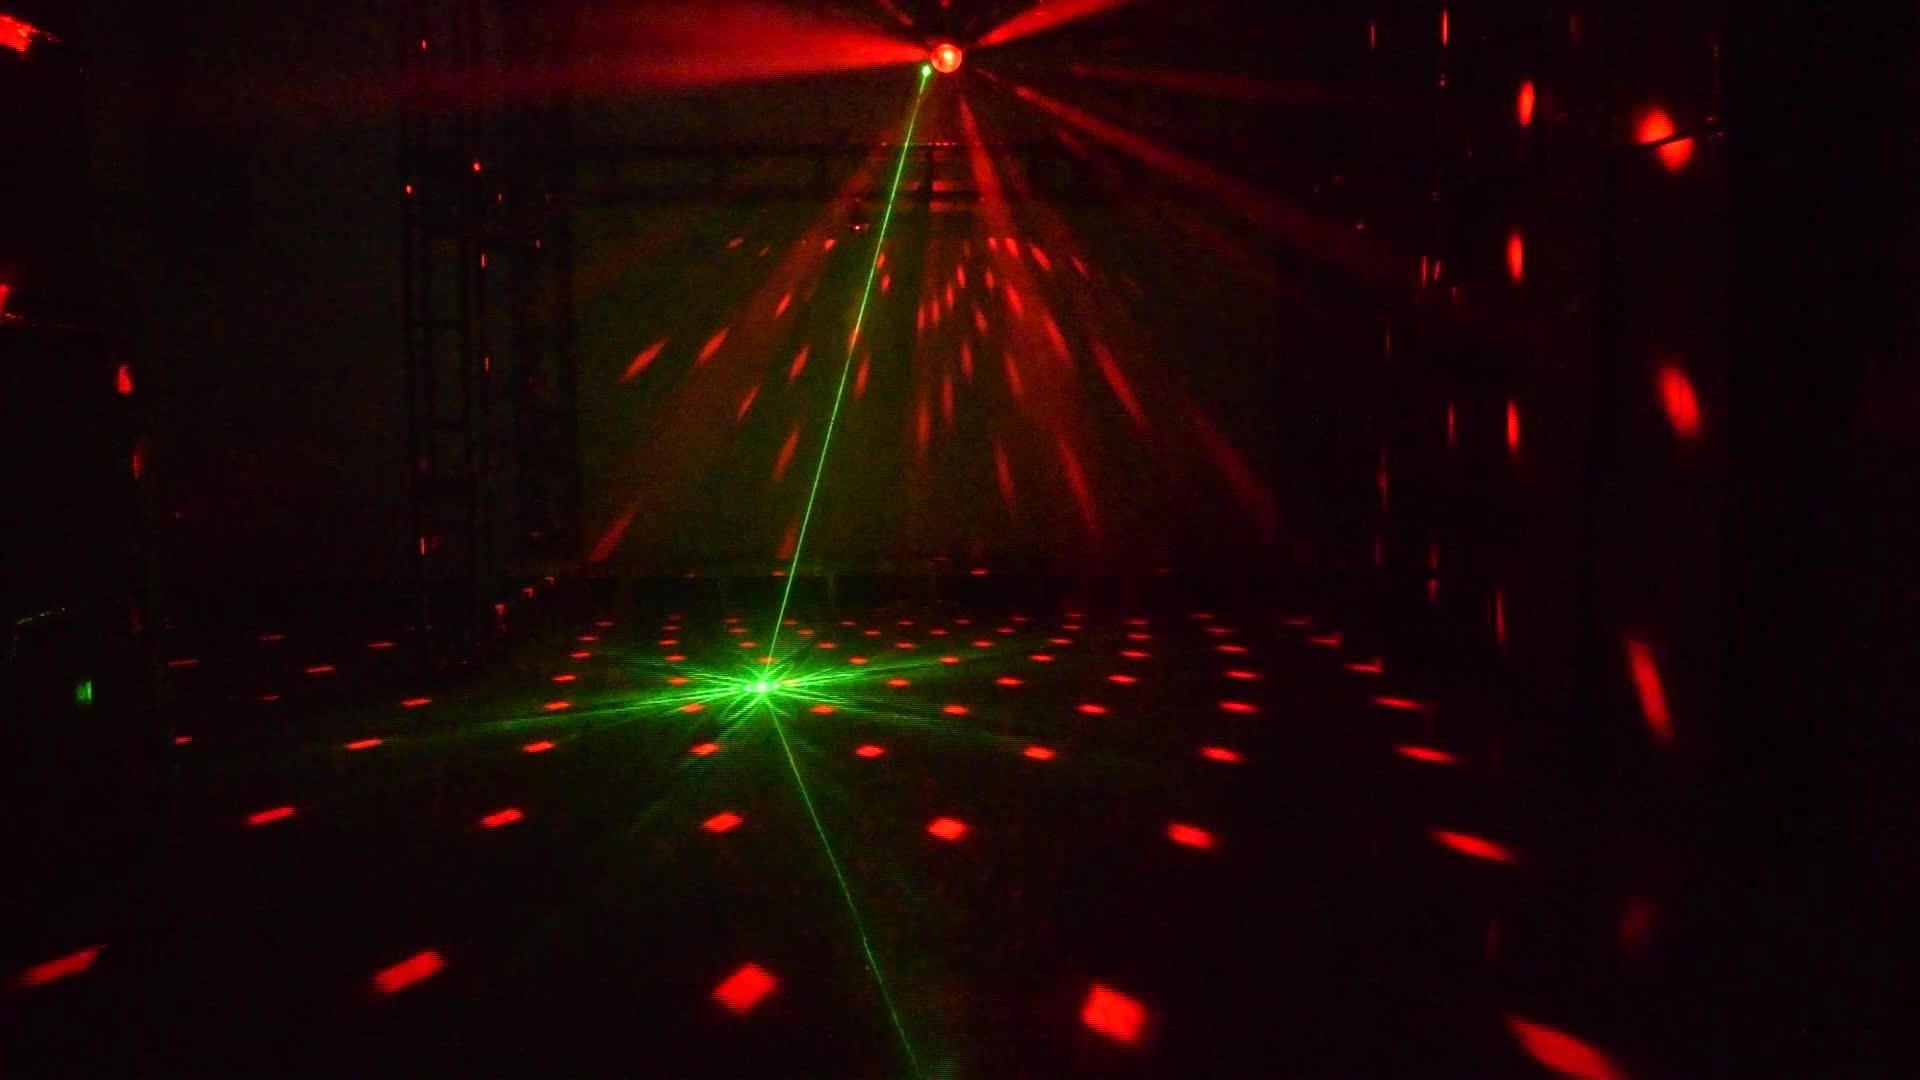 YSH डिस्को लेजर डीजे रोशनी आरजीबी मंच सजावट प्रोजेक्टर एलईडी जादू गेंद KTV लेजर पार्टी प्रकाश Dmx के लिए रिमोट कंट्रोल शादी